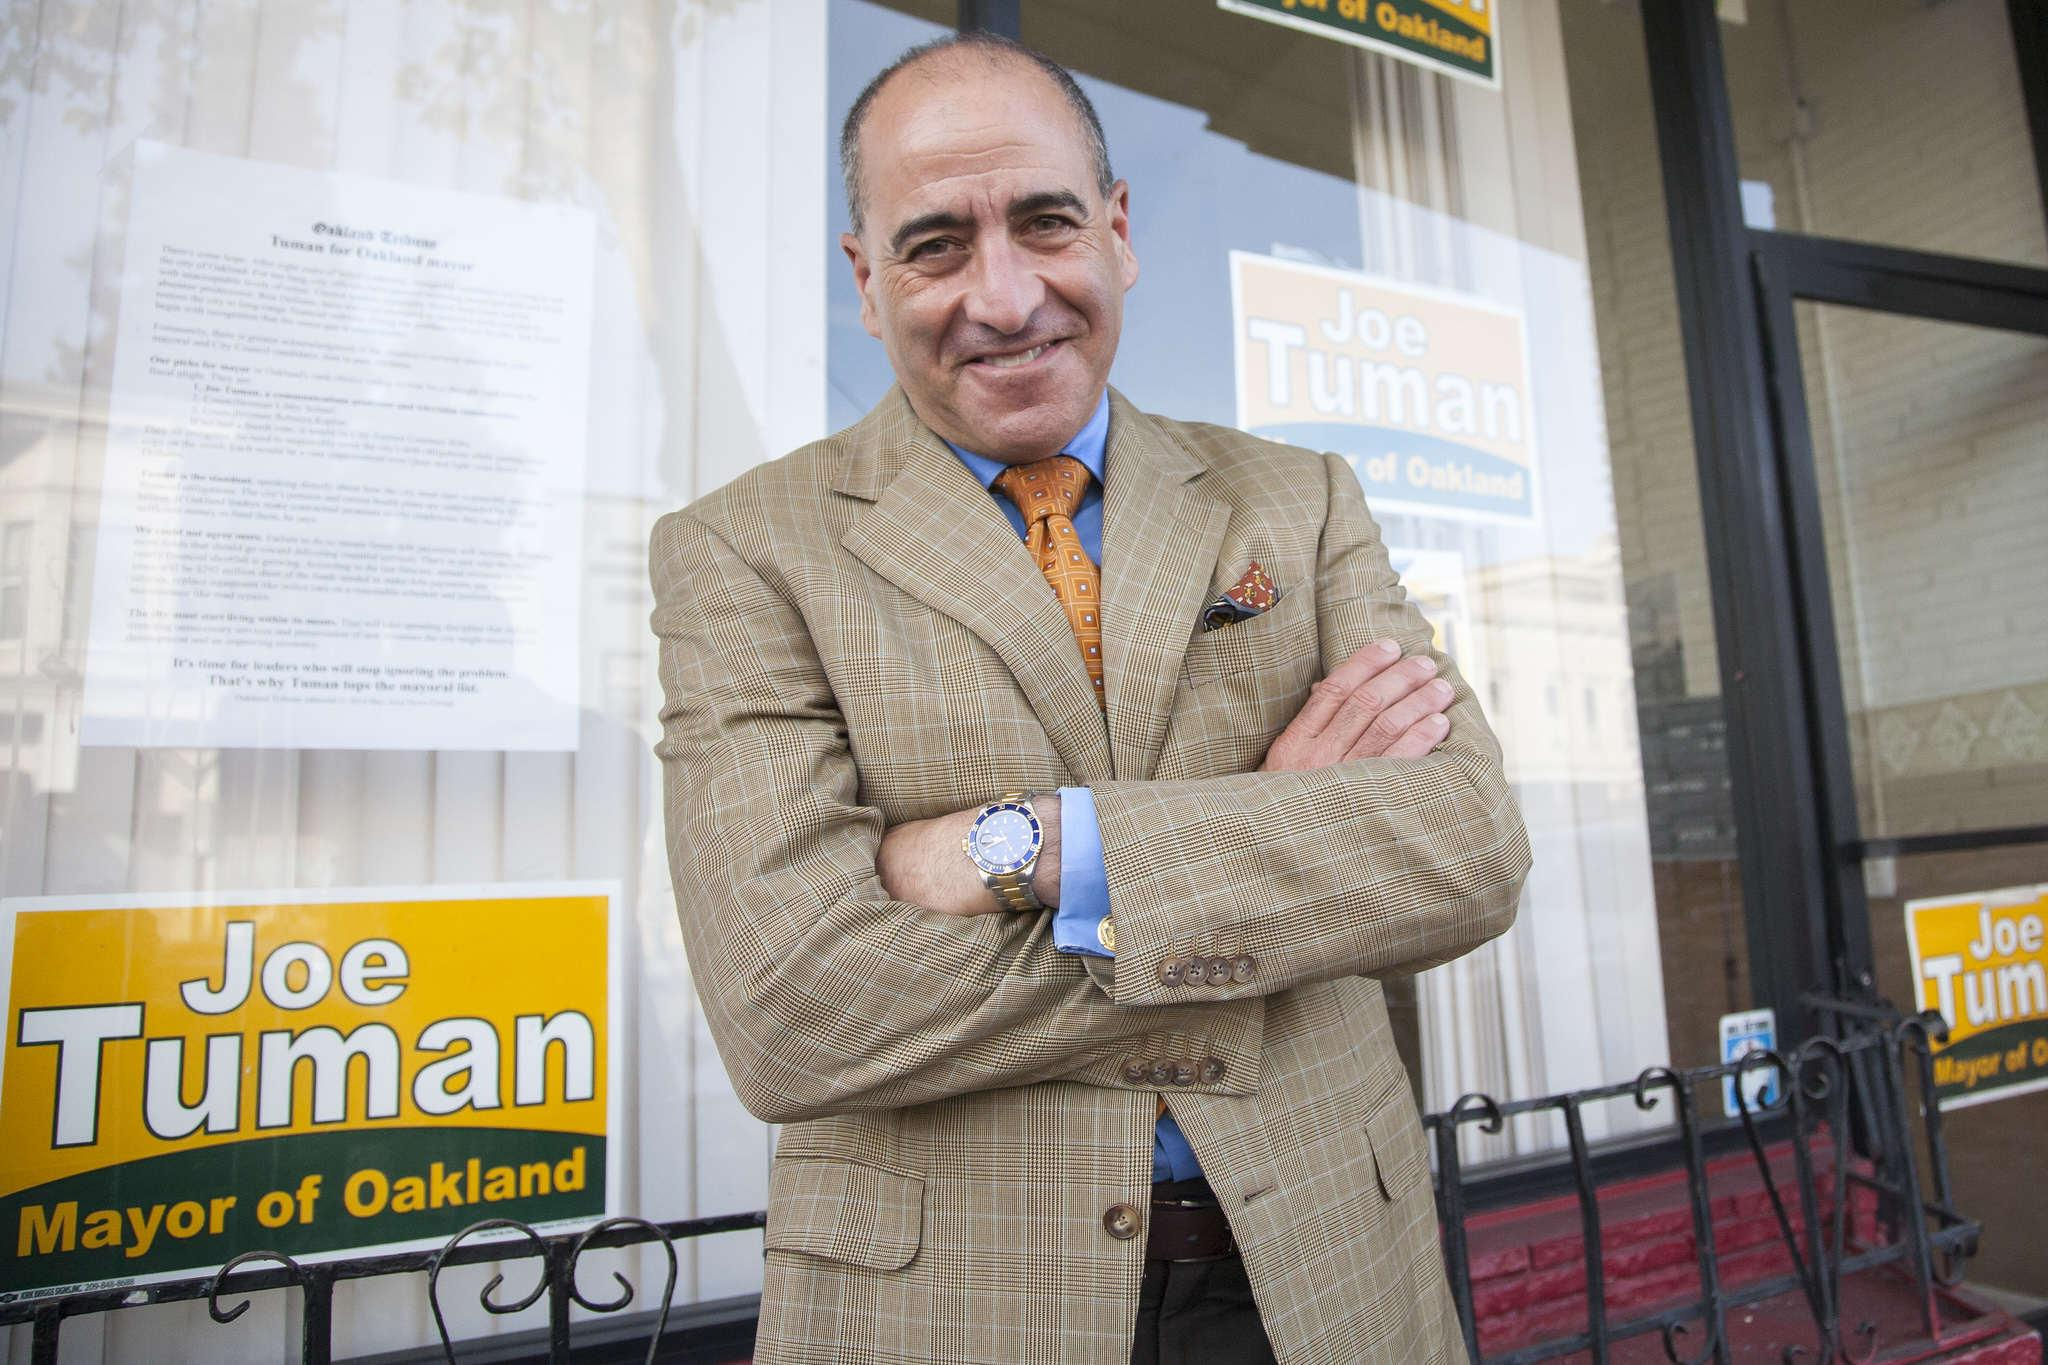 Mayoral canidate Joe Tuman poses for a photograph Monday, Nov. 3, 2014. Martin Bustamante/Xpress.Mayoral canidate Joe Tuman poses for a photograph Monday, Nov. 3, 2014.